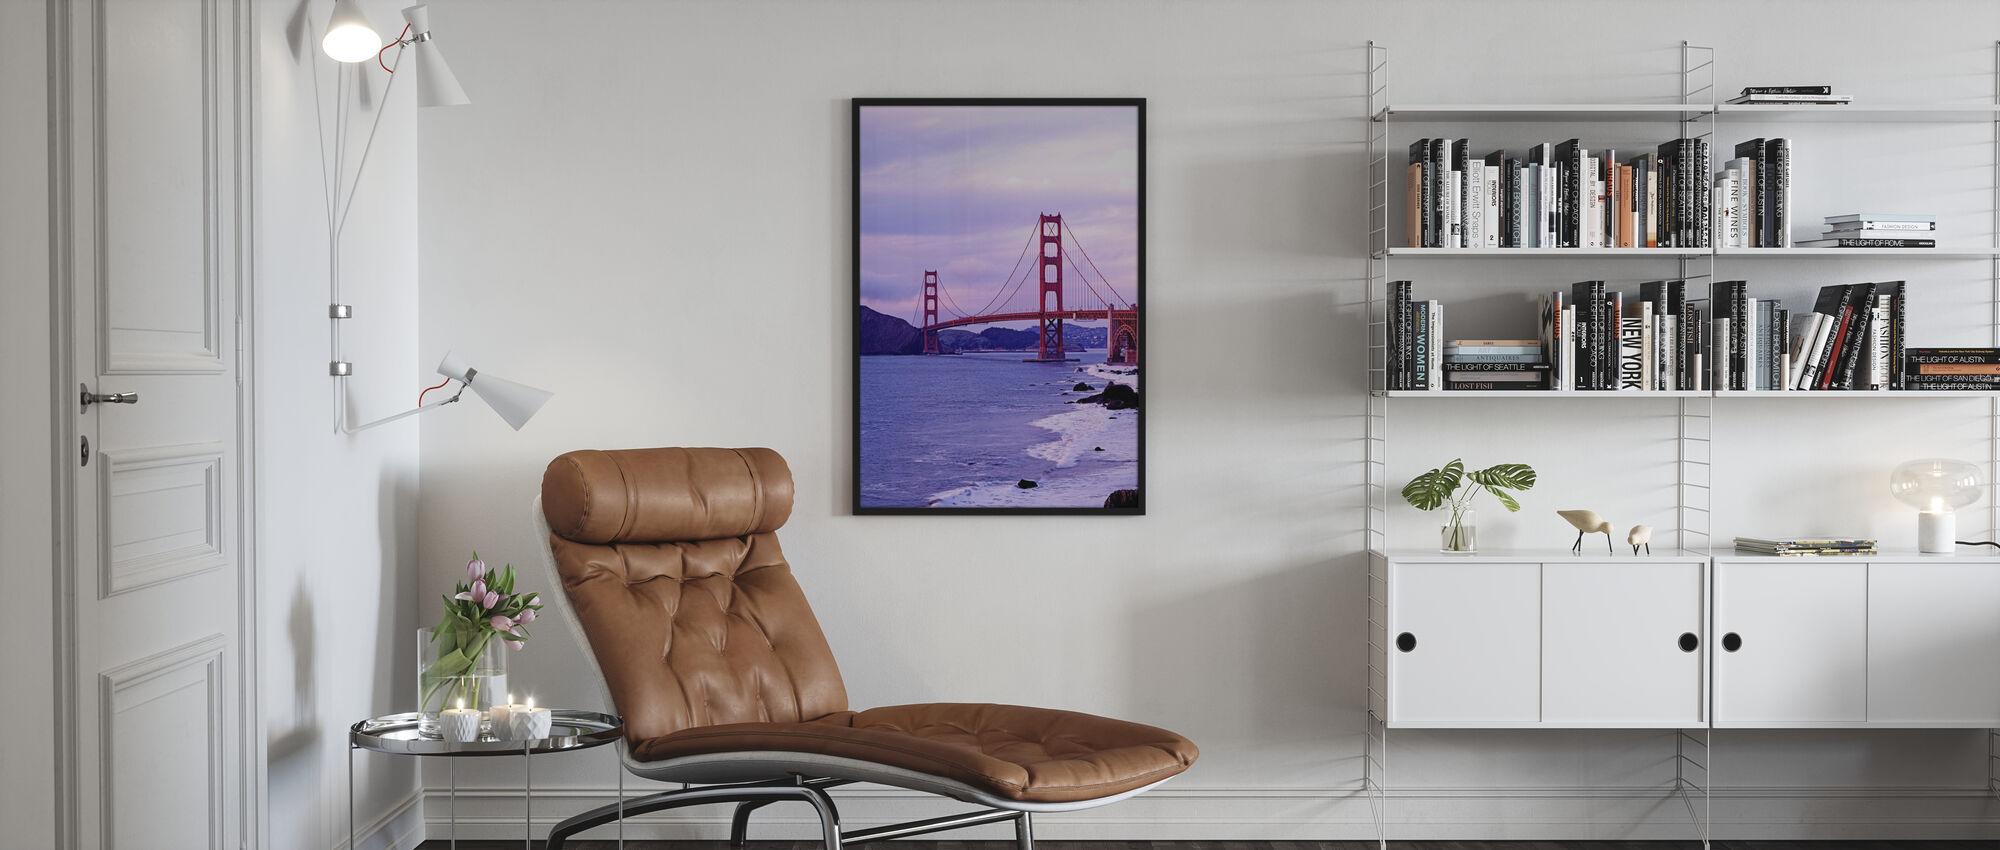 Bay Bridge in Lila Haze - Poster - Wohnzimmer